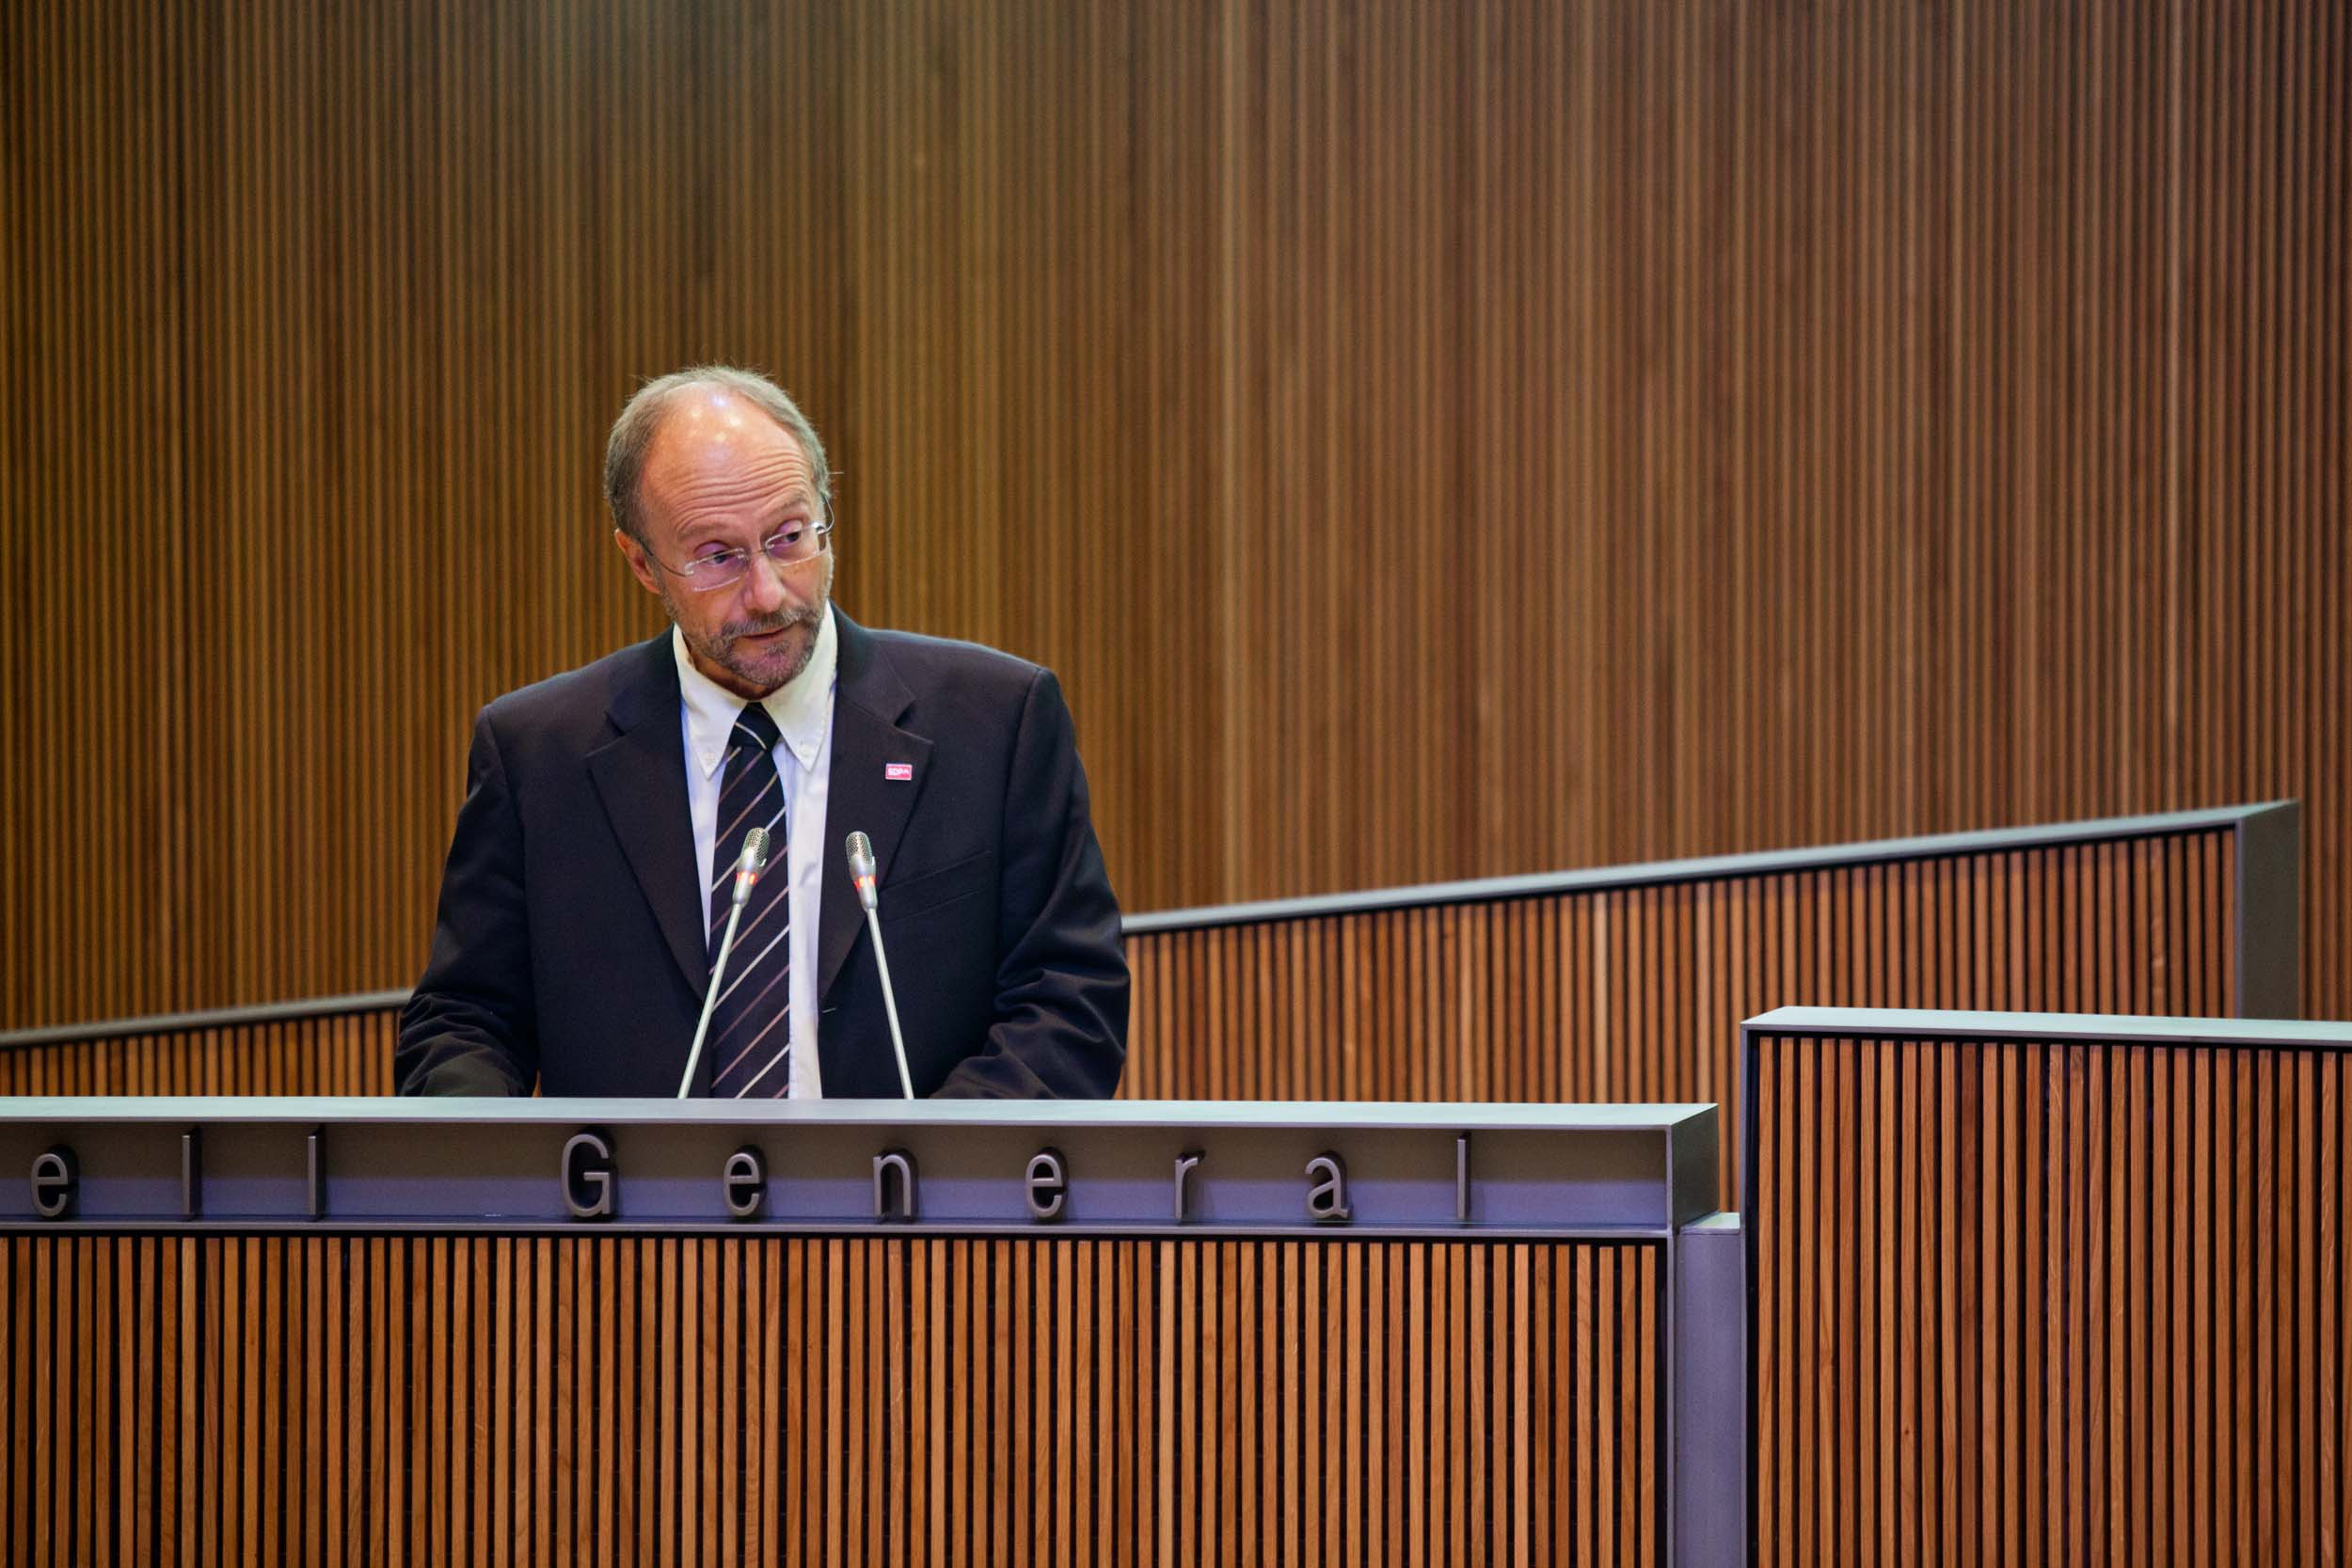 Intervenció de Víctor Naudi, president suplent del Grup Parlamentari Mixt